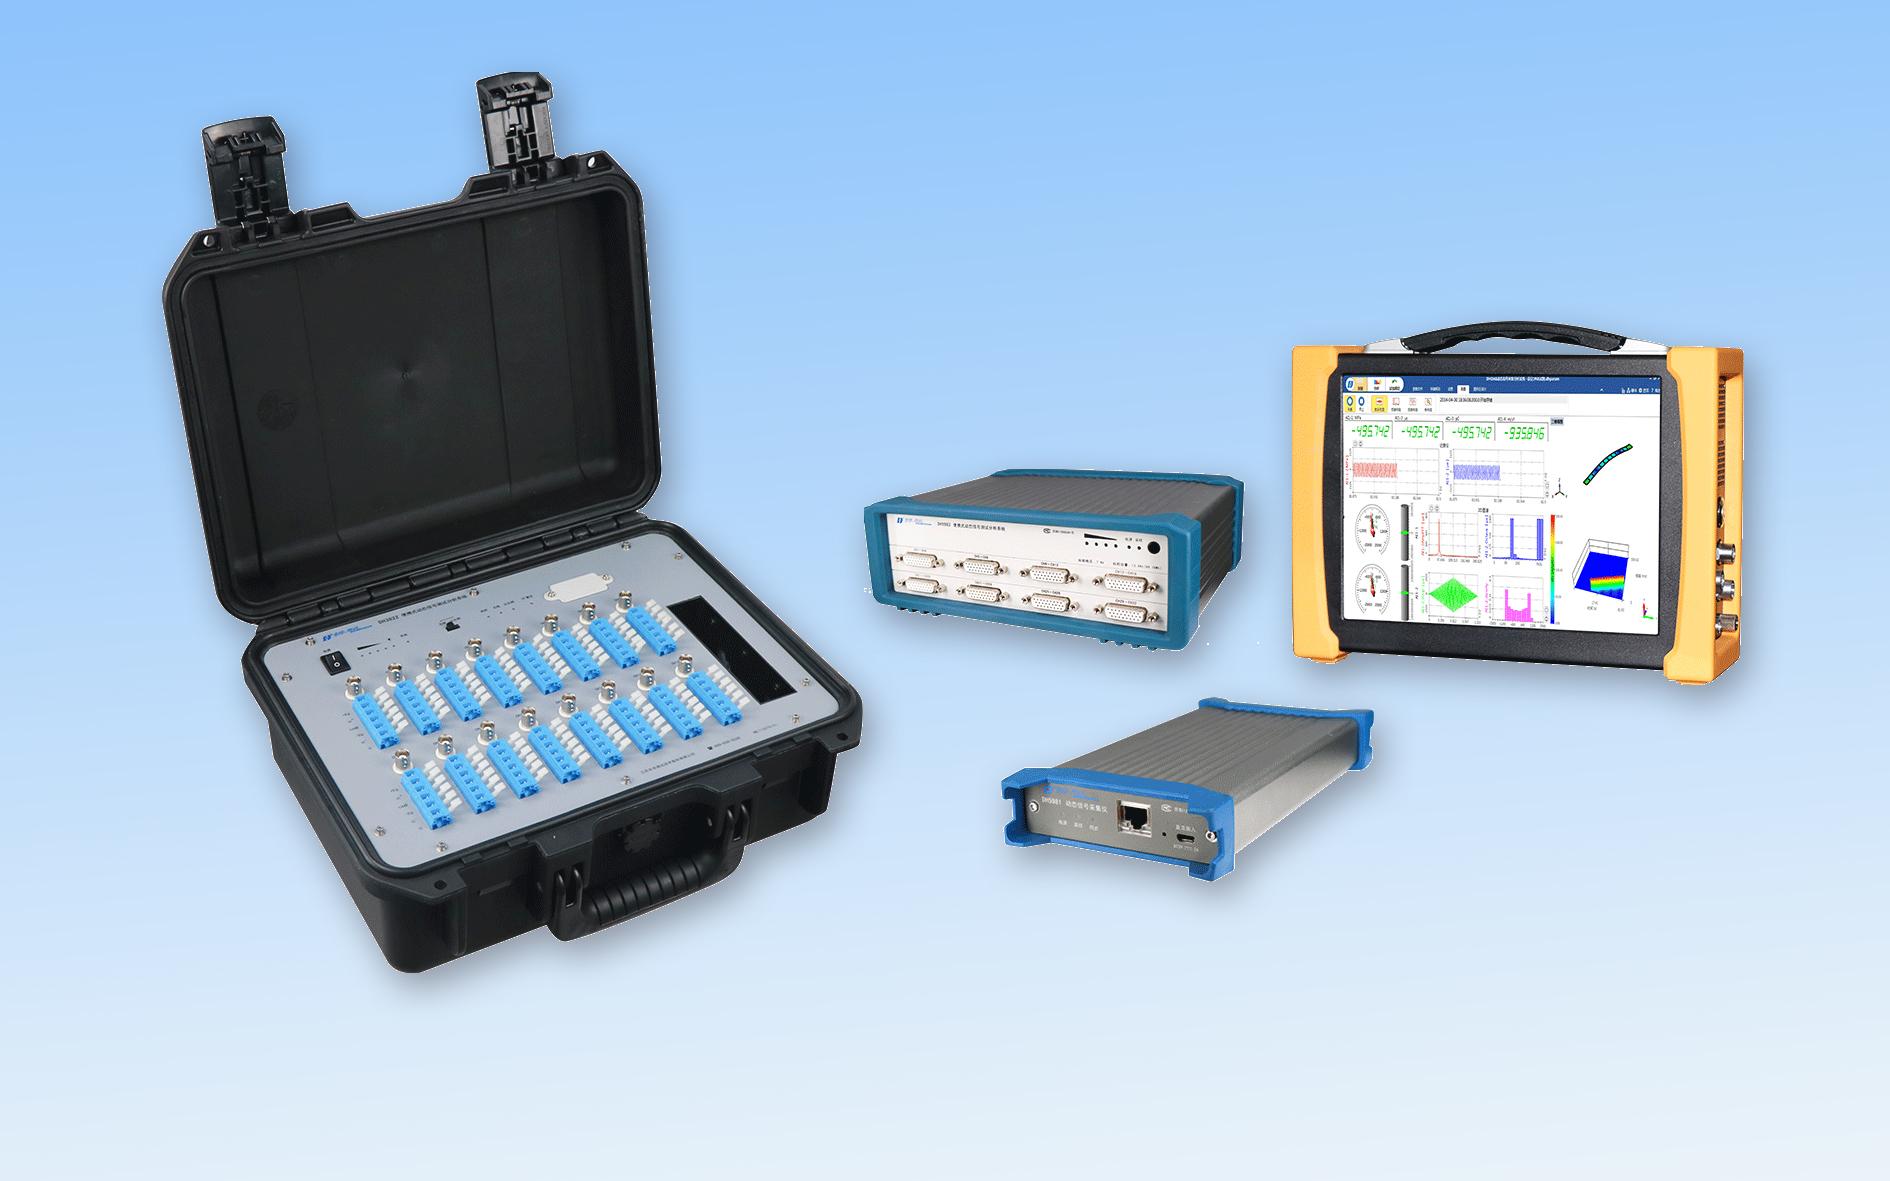 便携式动态信号测试分析系统